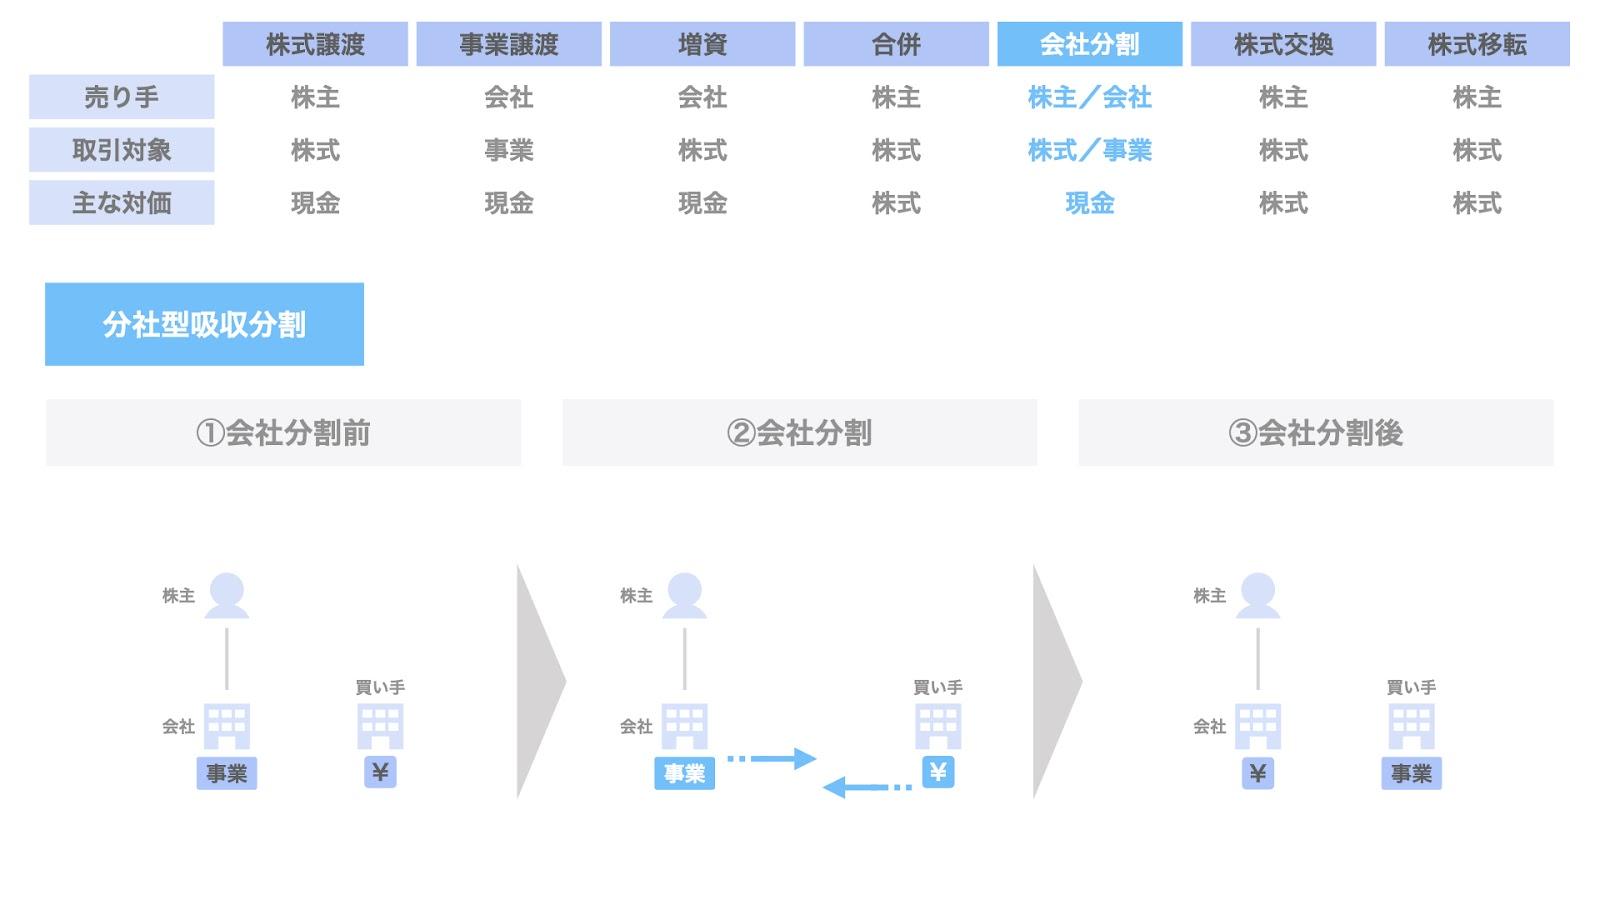 E-c. 分社型吸収分割